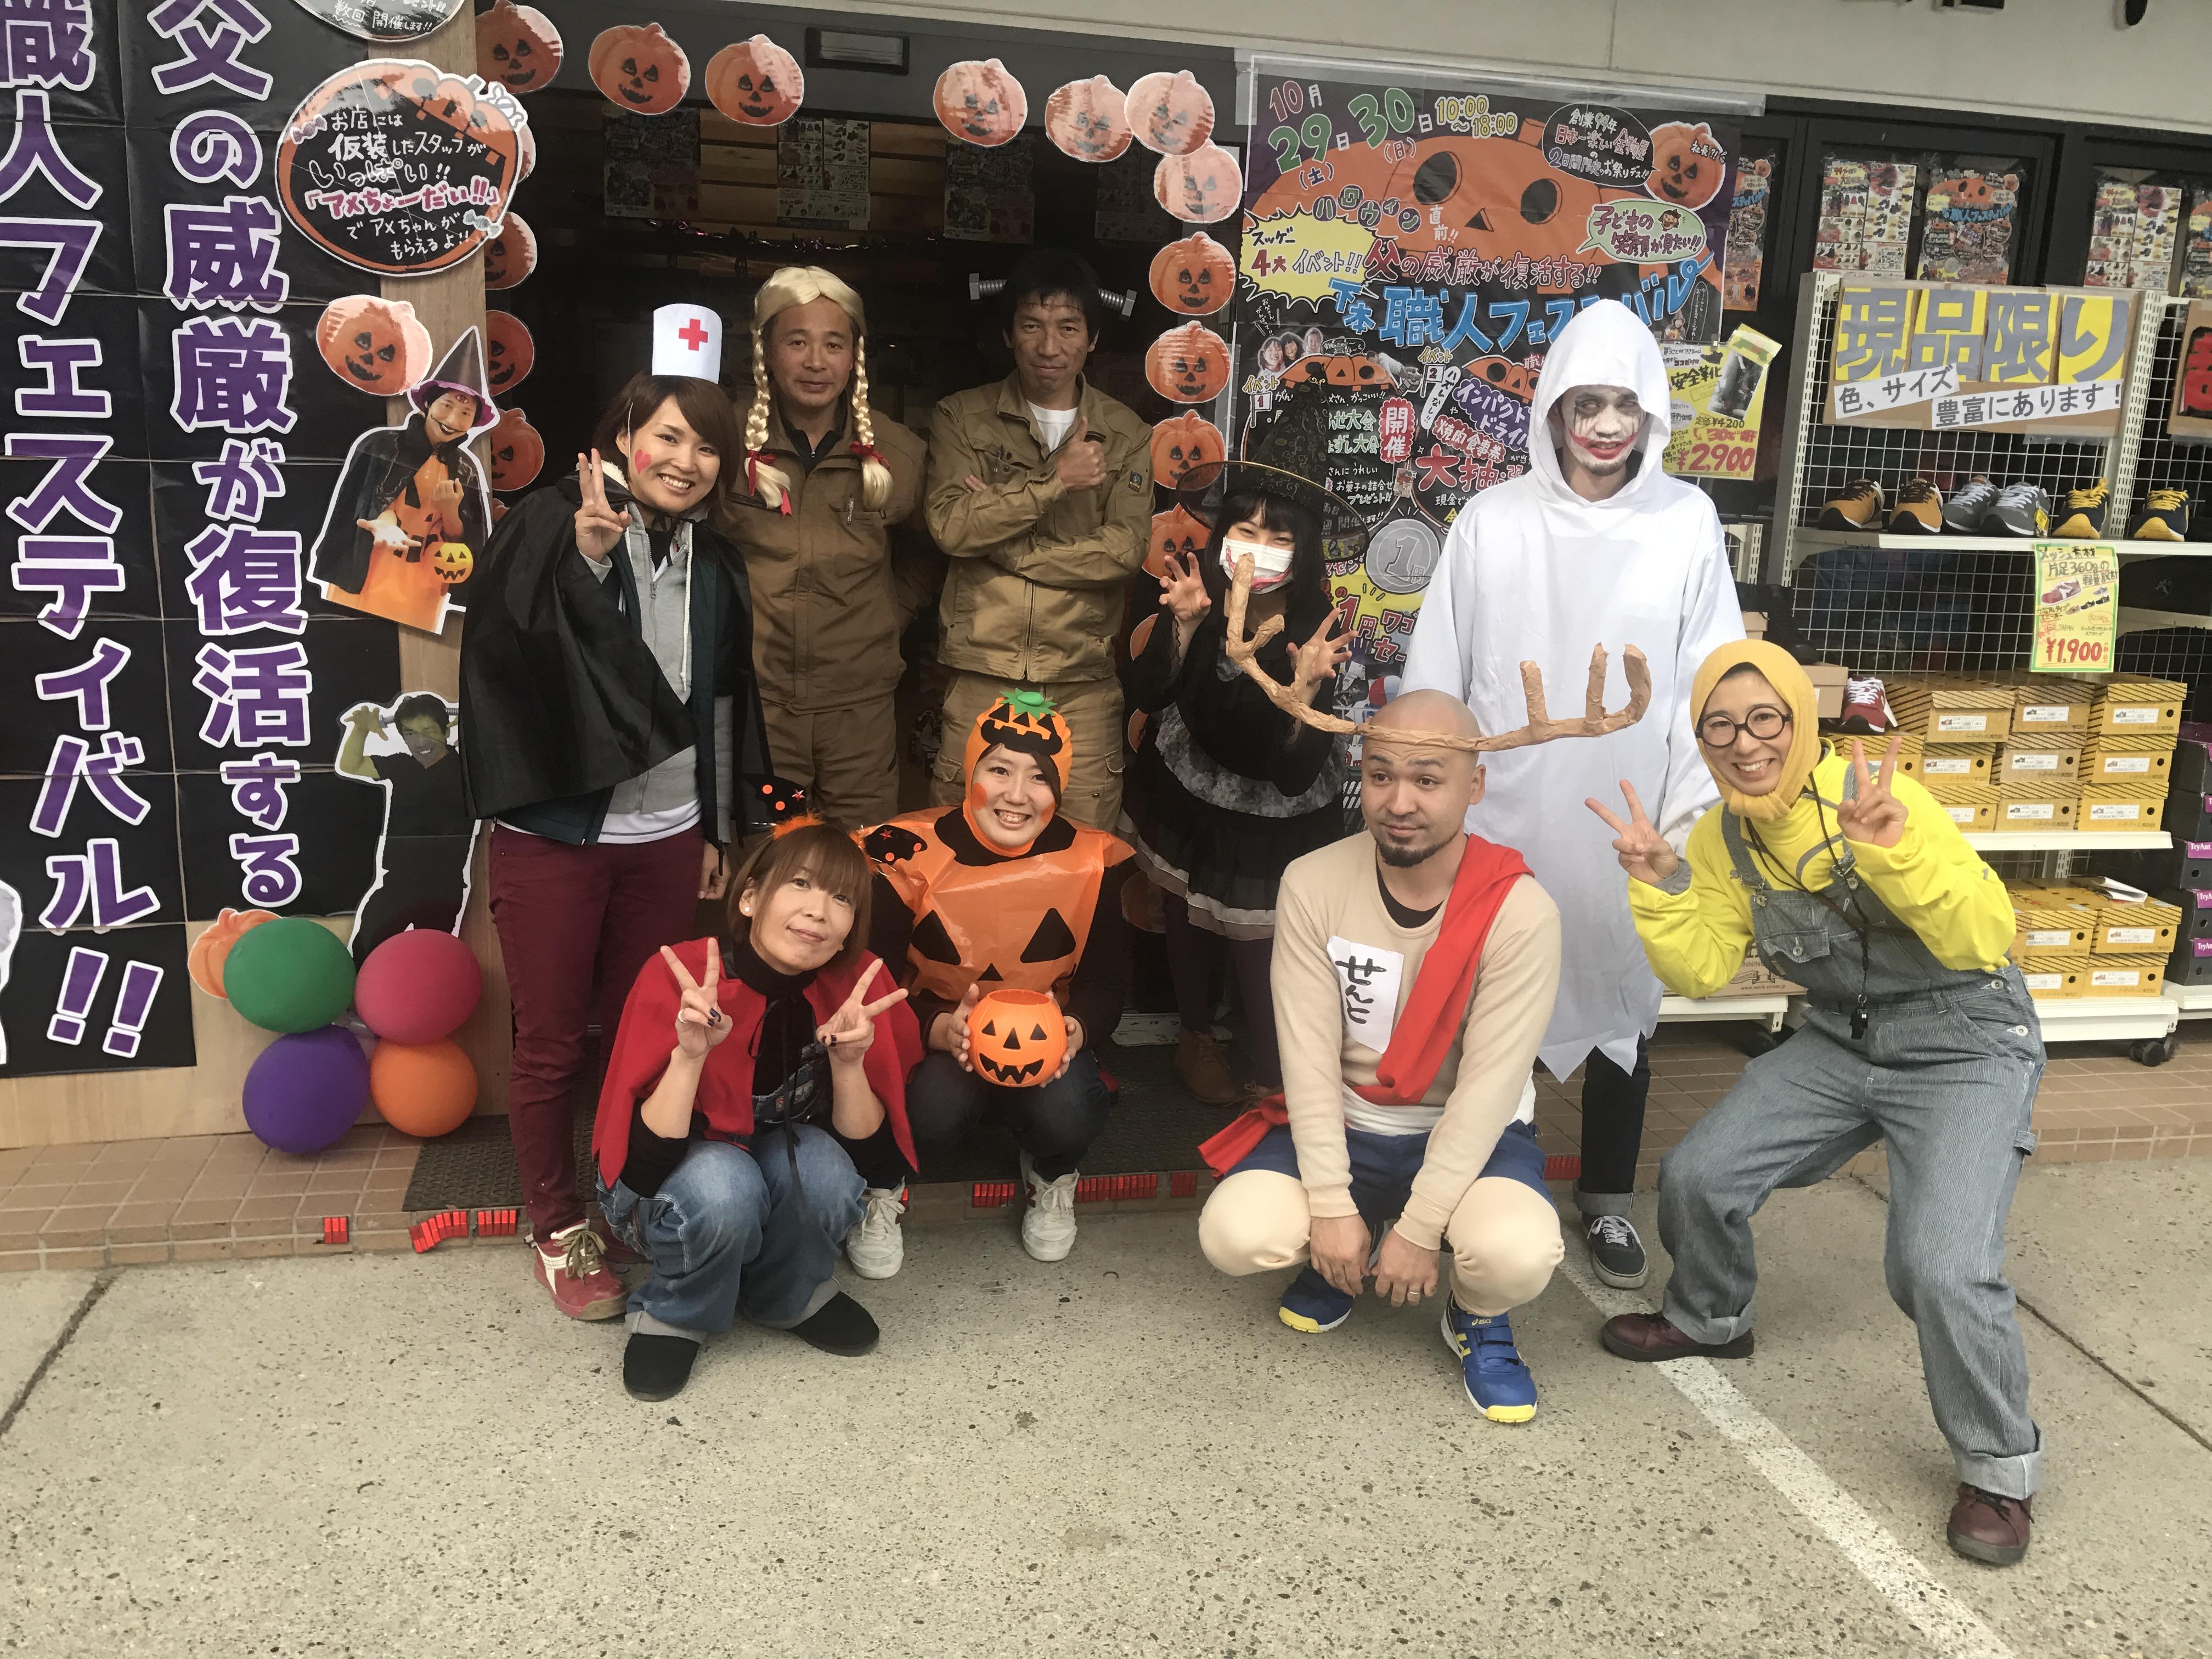 飛騨高山 下本商会 2016ハロウィン セール 仮装